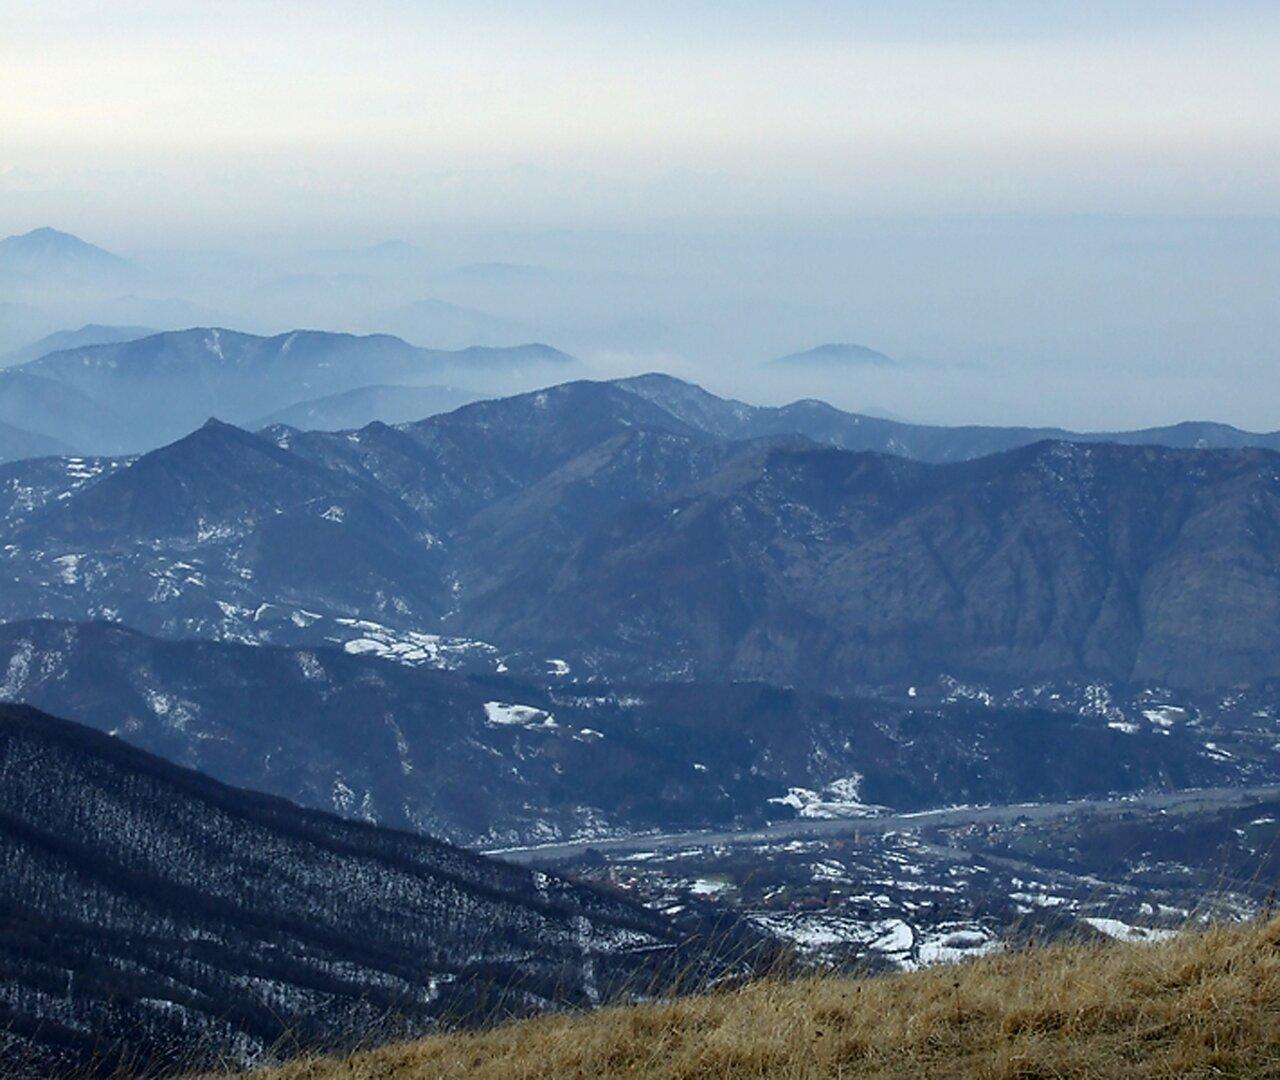 La val Borbera e la val Scrivia, dal monte Gropà (1446 m.). Federico Bellinvia (flickr)